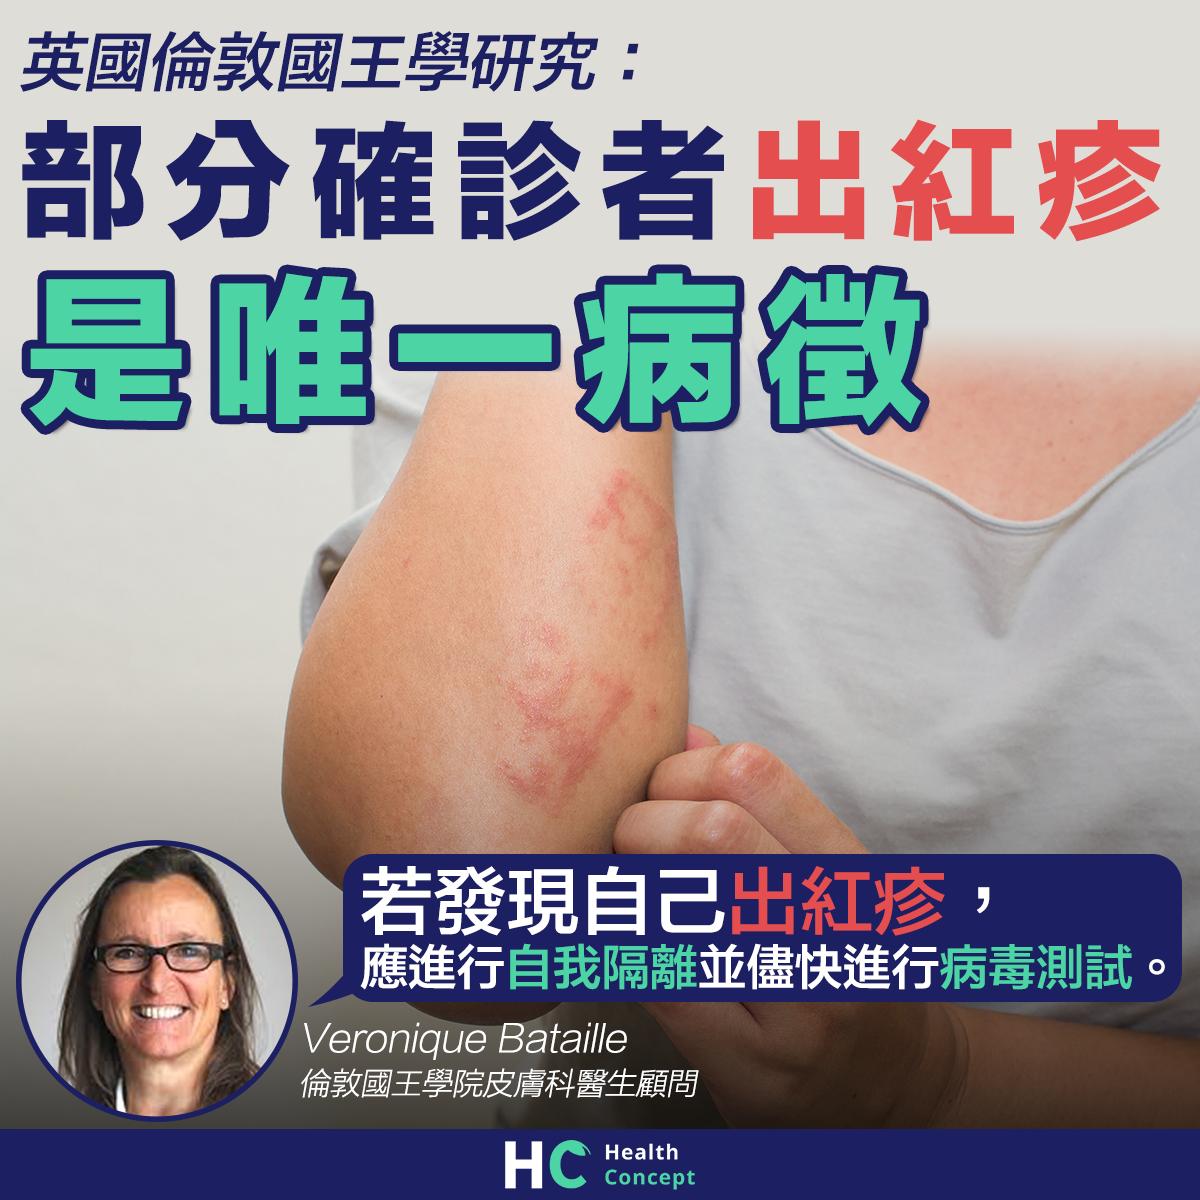 【#新型肺炎】英國研究:部分確診者出紅疹是唯一病徵